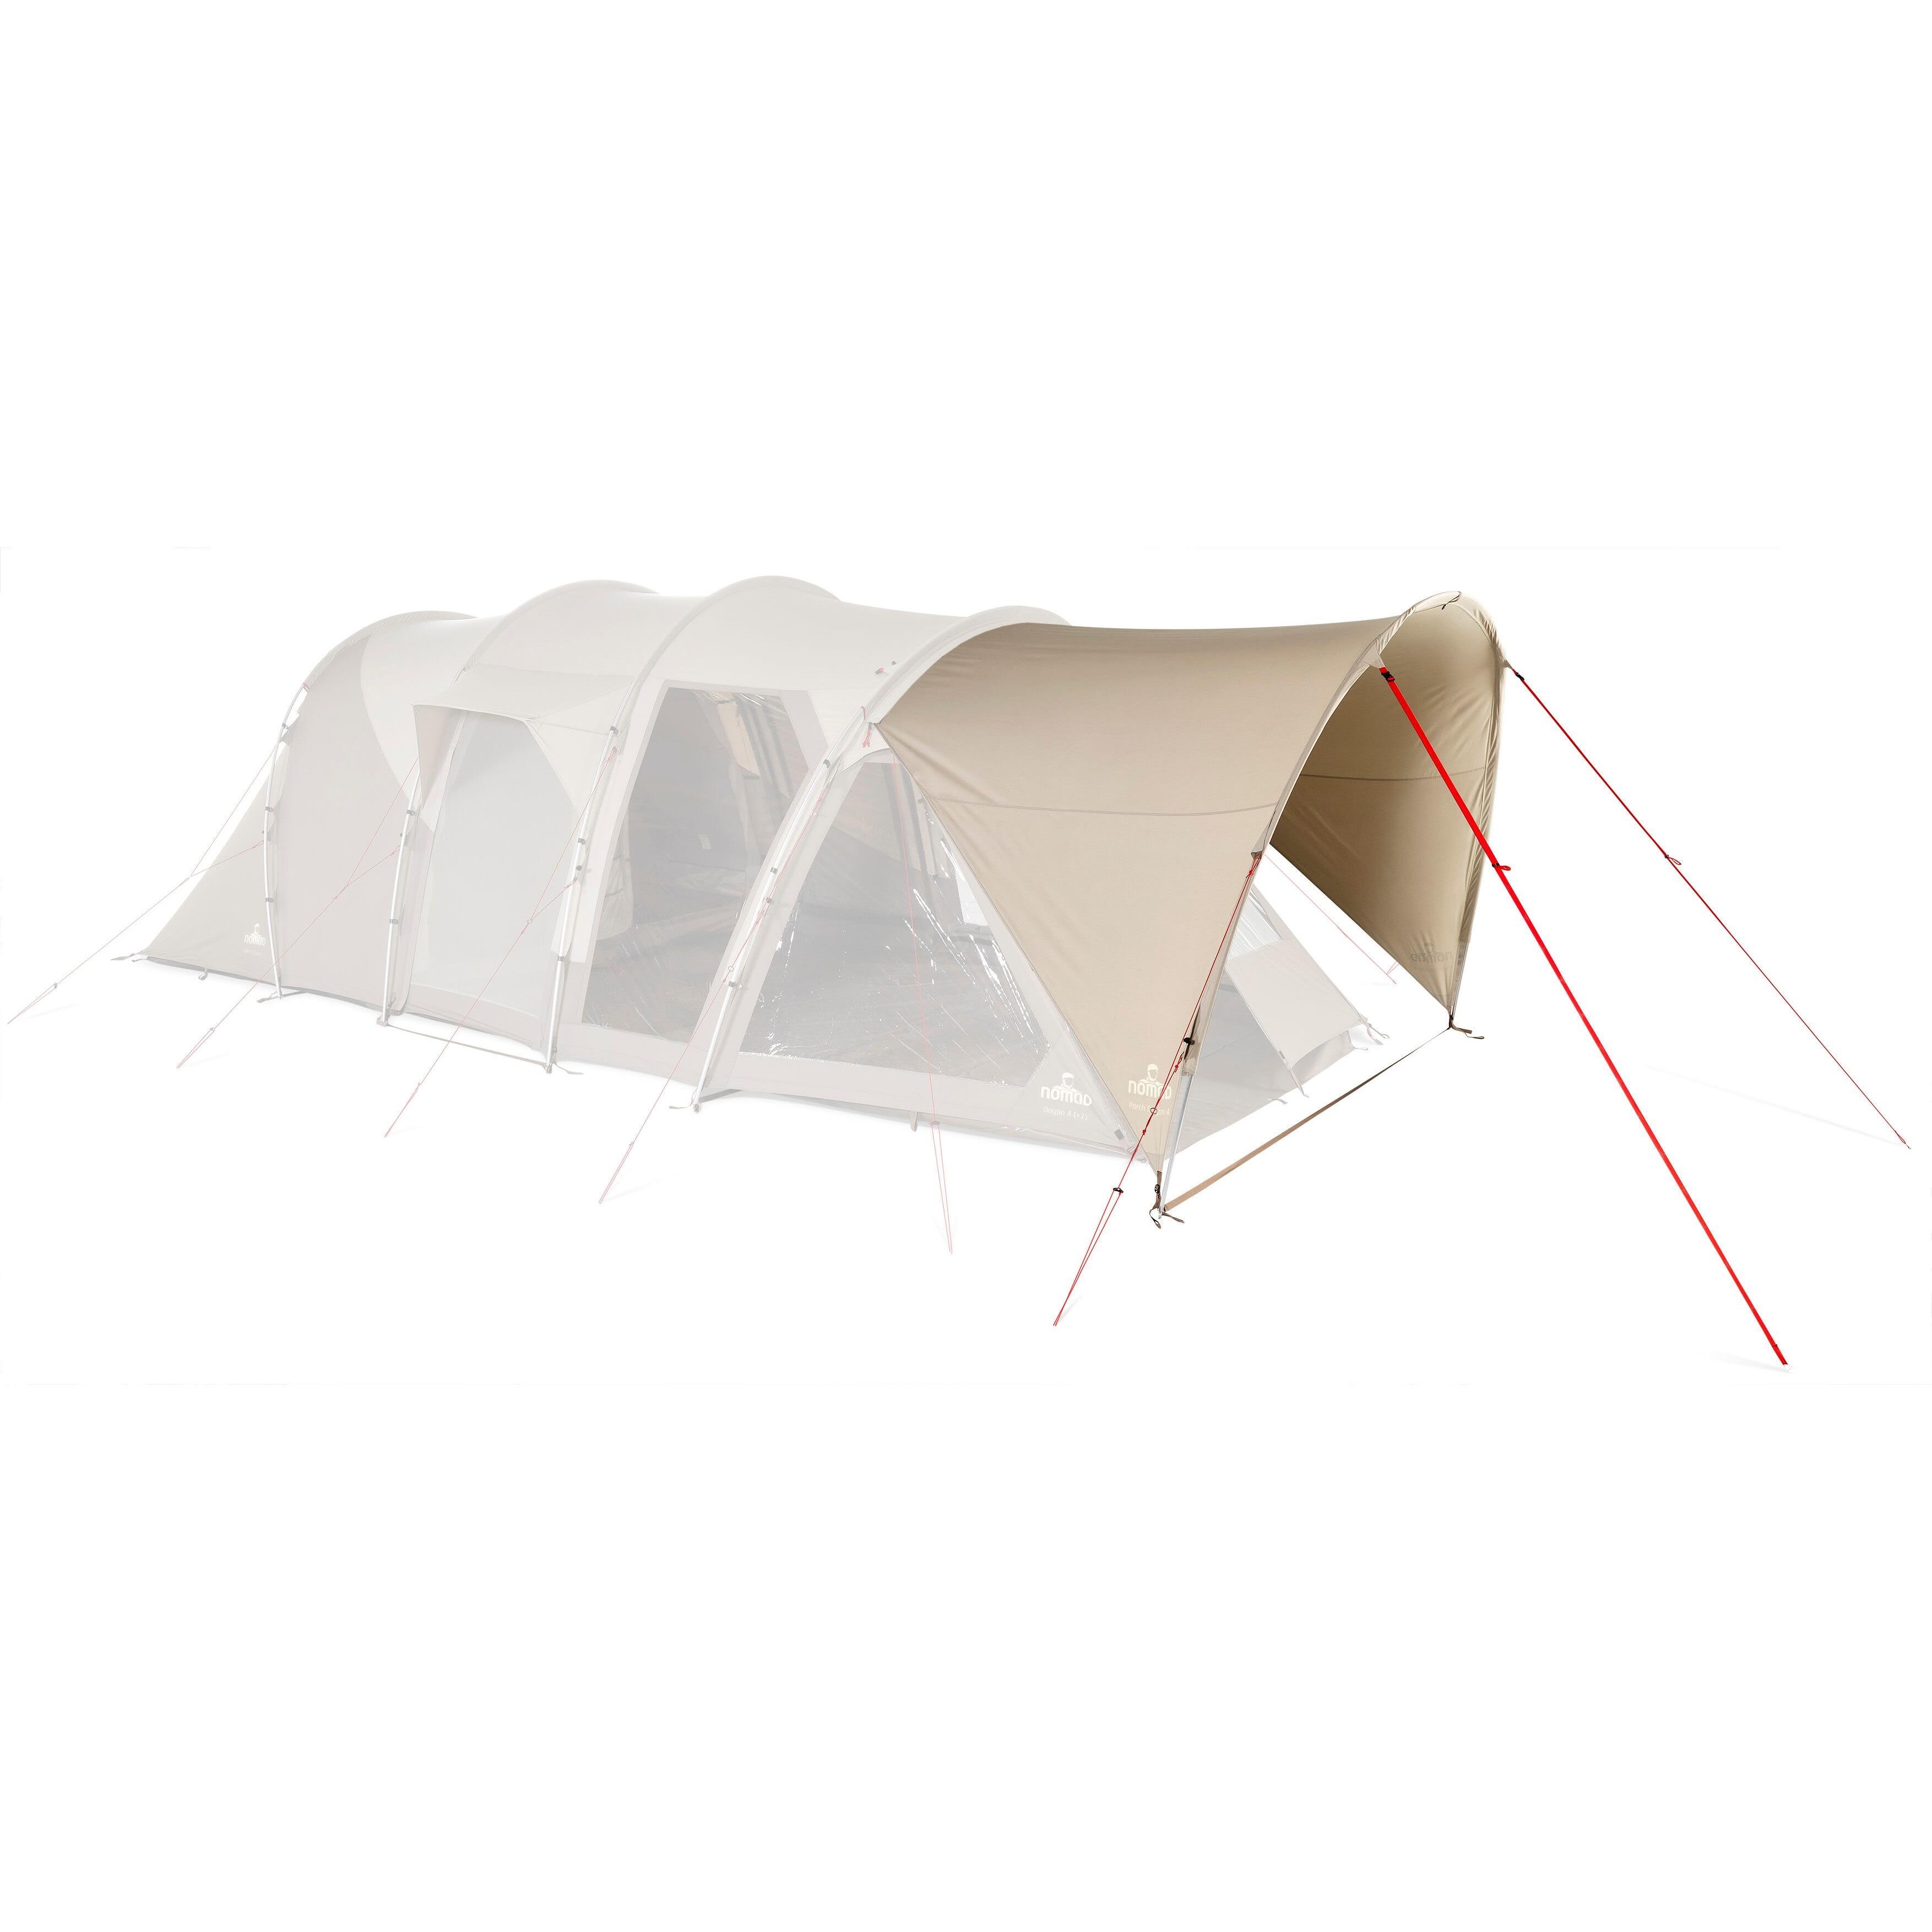 Köp Nomad Porch Dogon 3 Air hos Outnorth